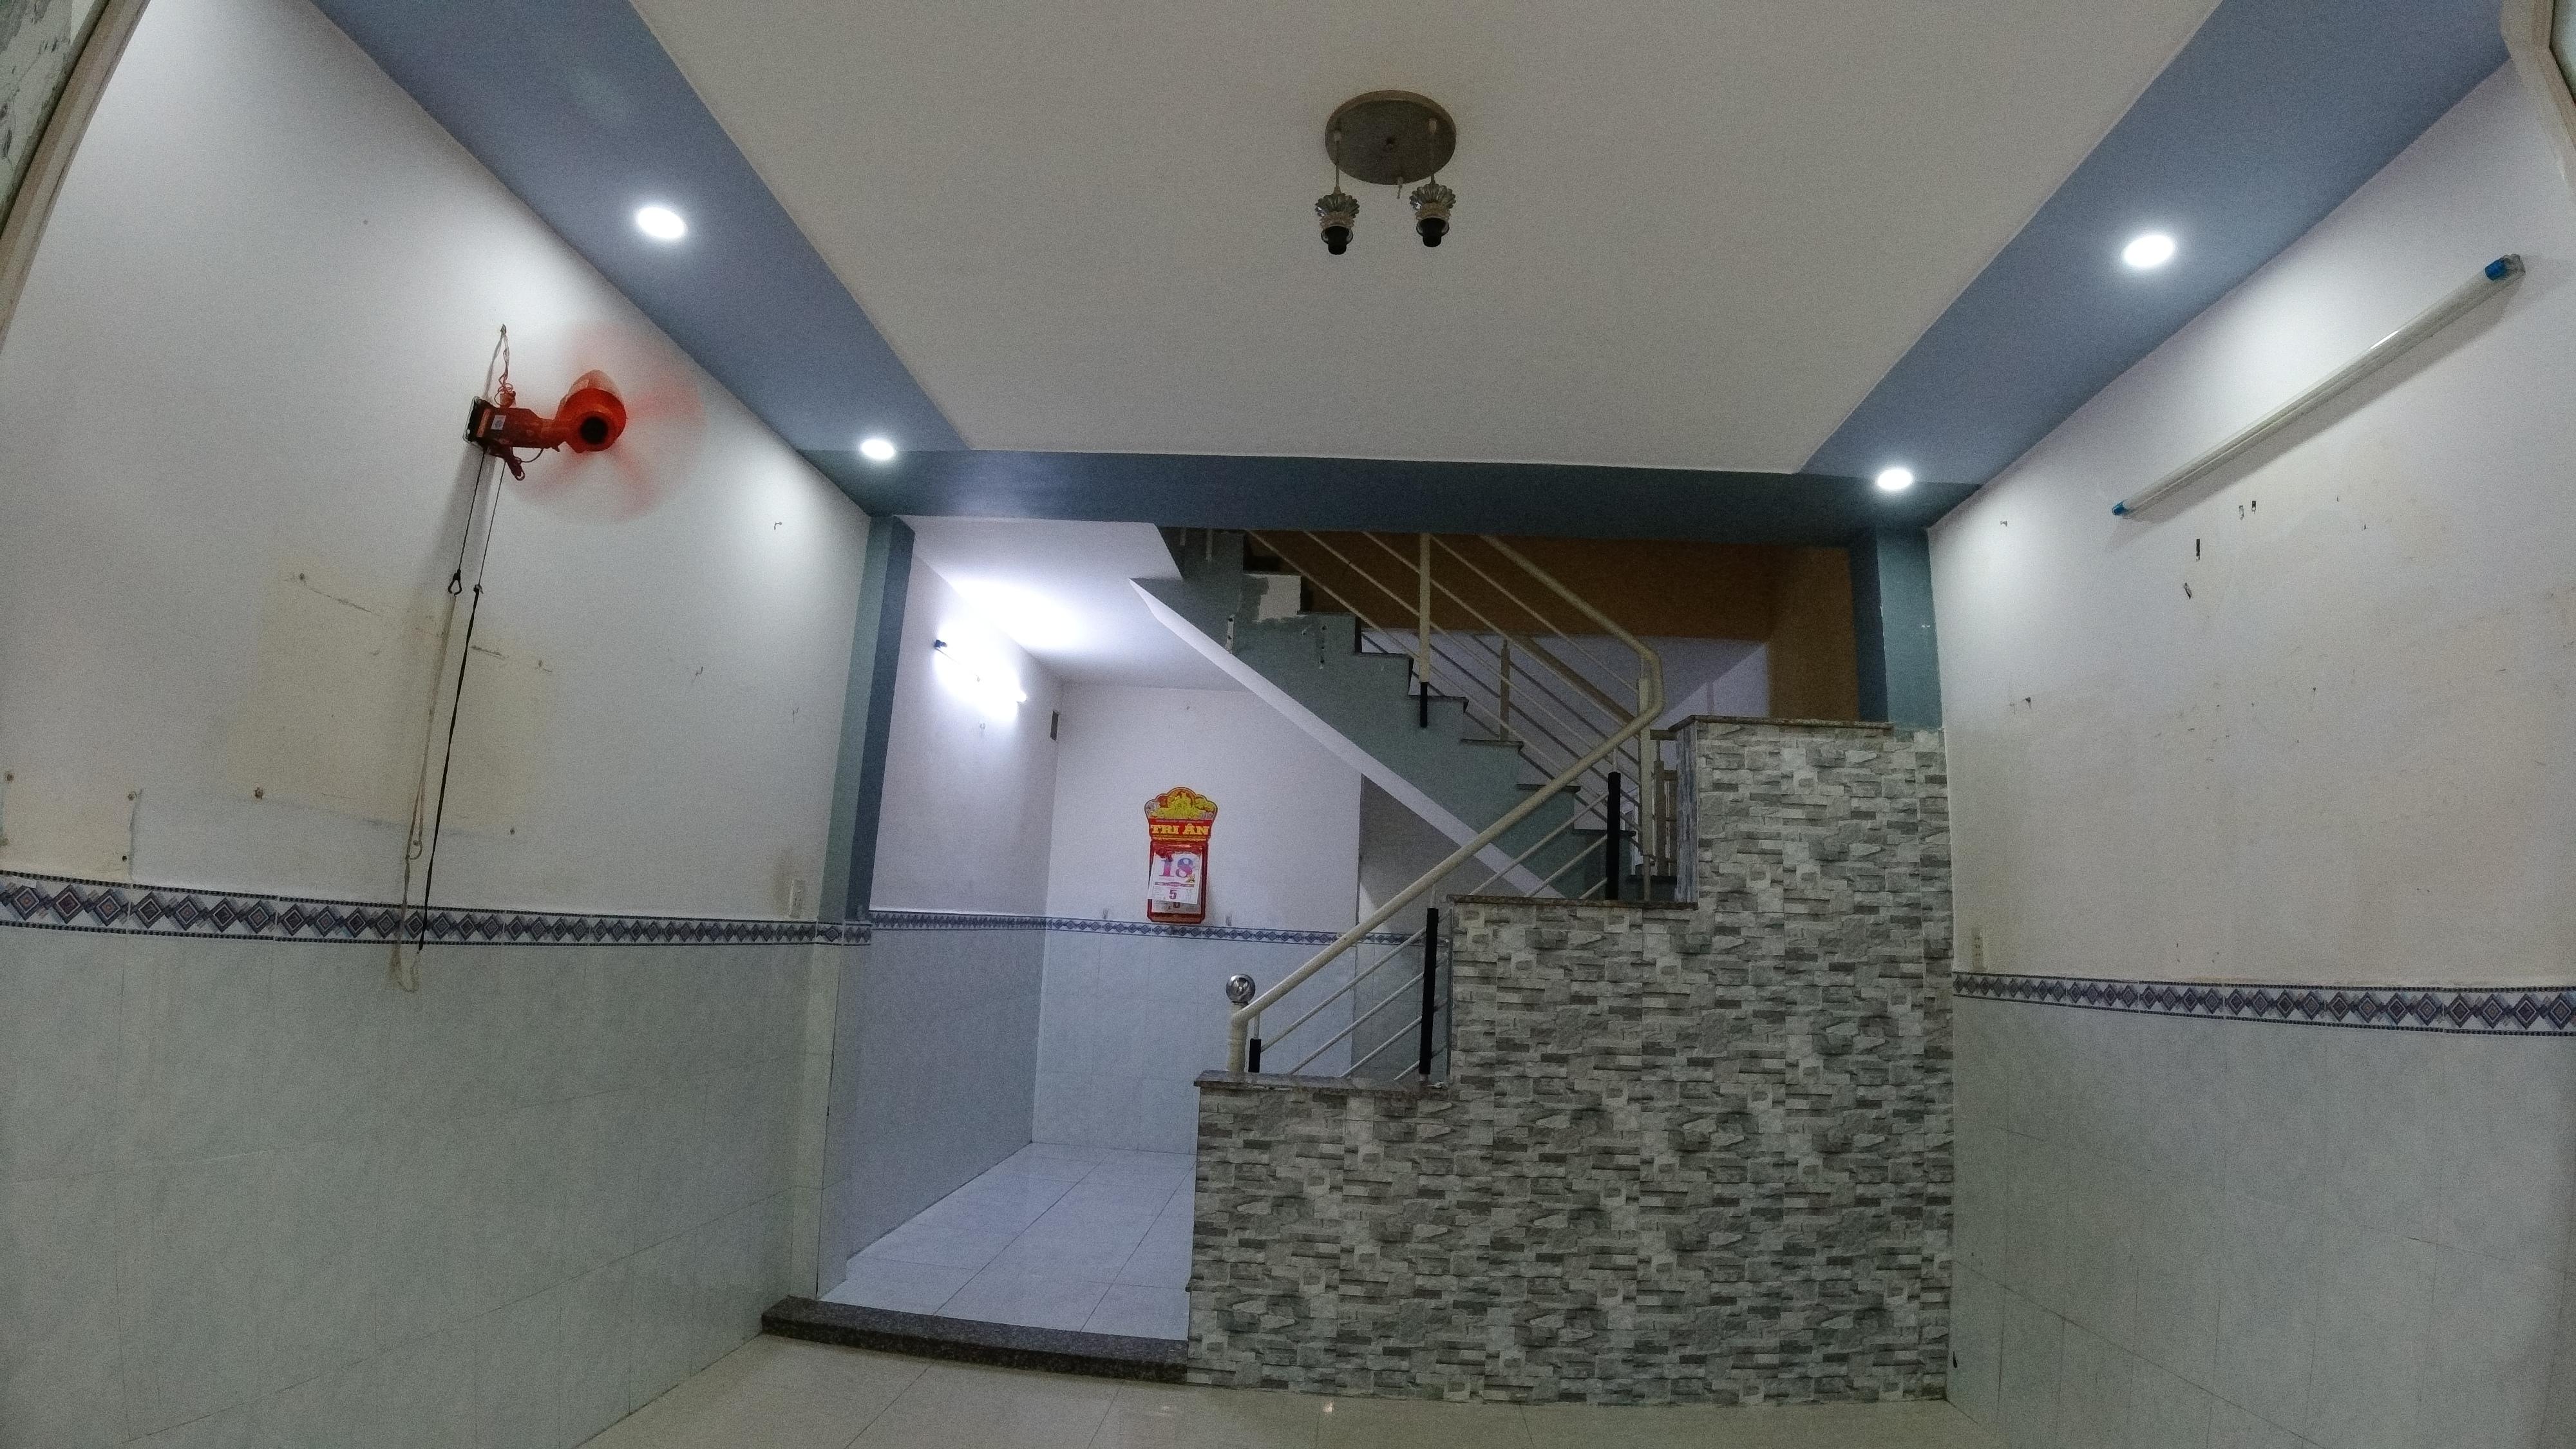 Bán nhà hẻm 125 Nguyễn Thị Tần phường 2 Quận 8 dưới 4 tỷ mới nhất 2021